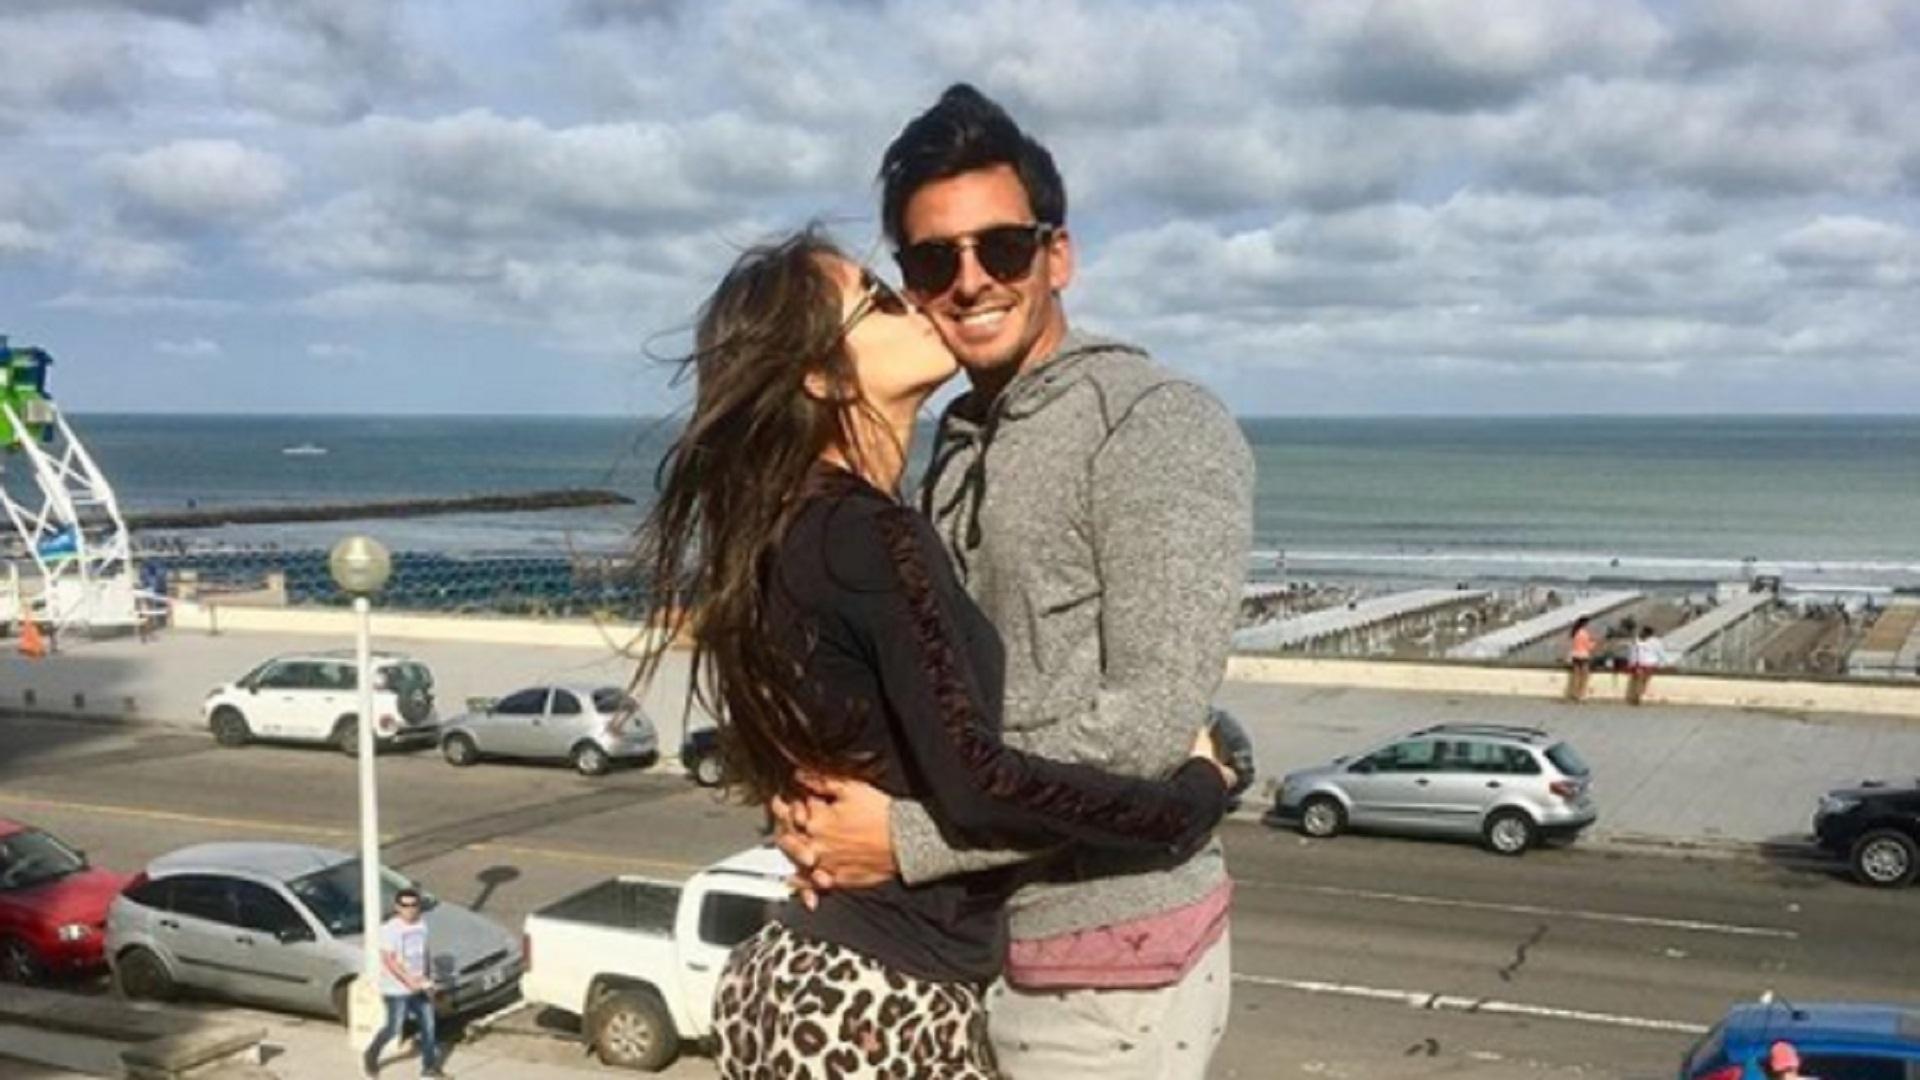 Él tiene 34 años y ella, 18